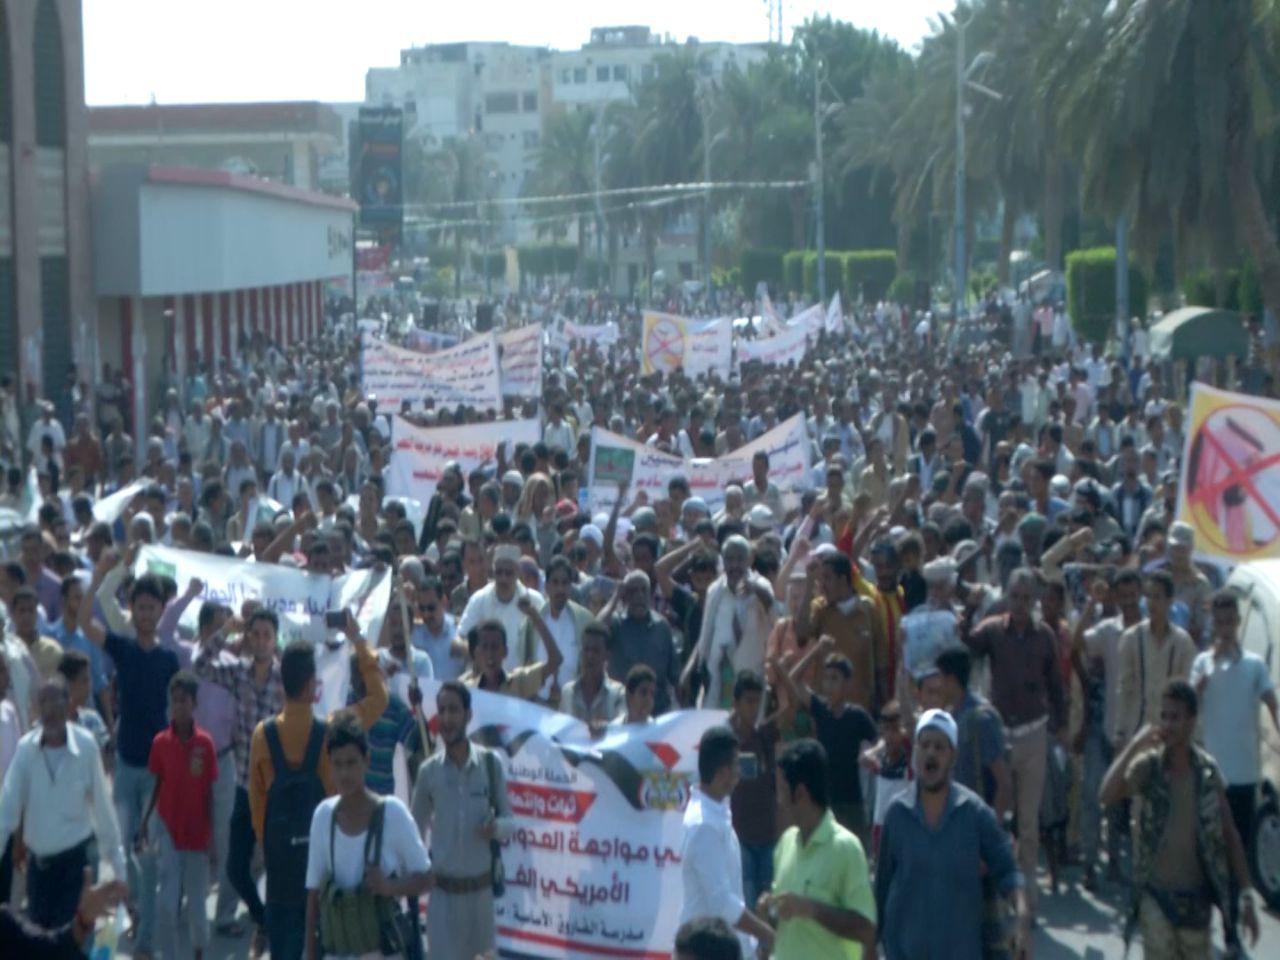 مسيرة إحتجاجية بالحديدة للتنديد بجرائم العدوان3